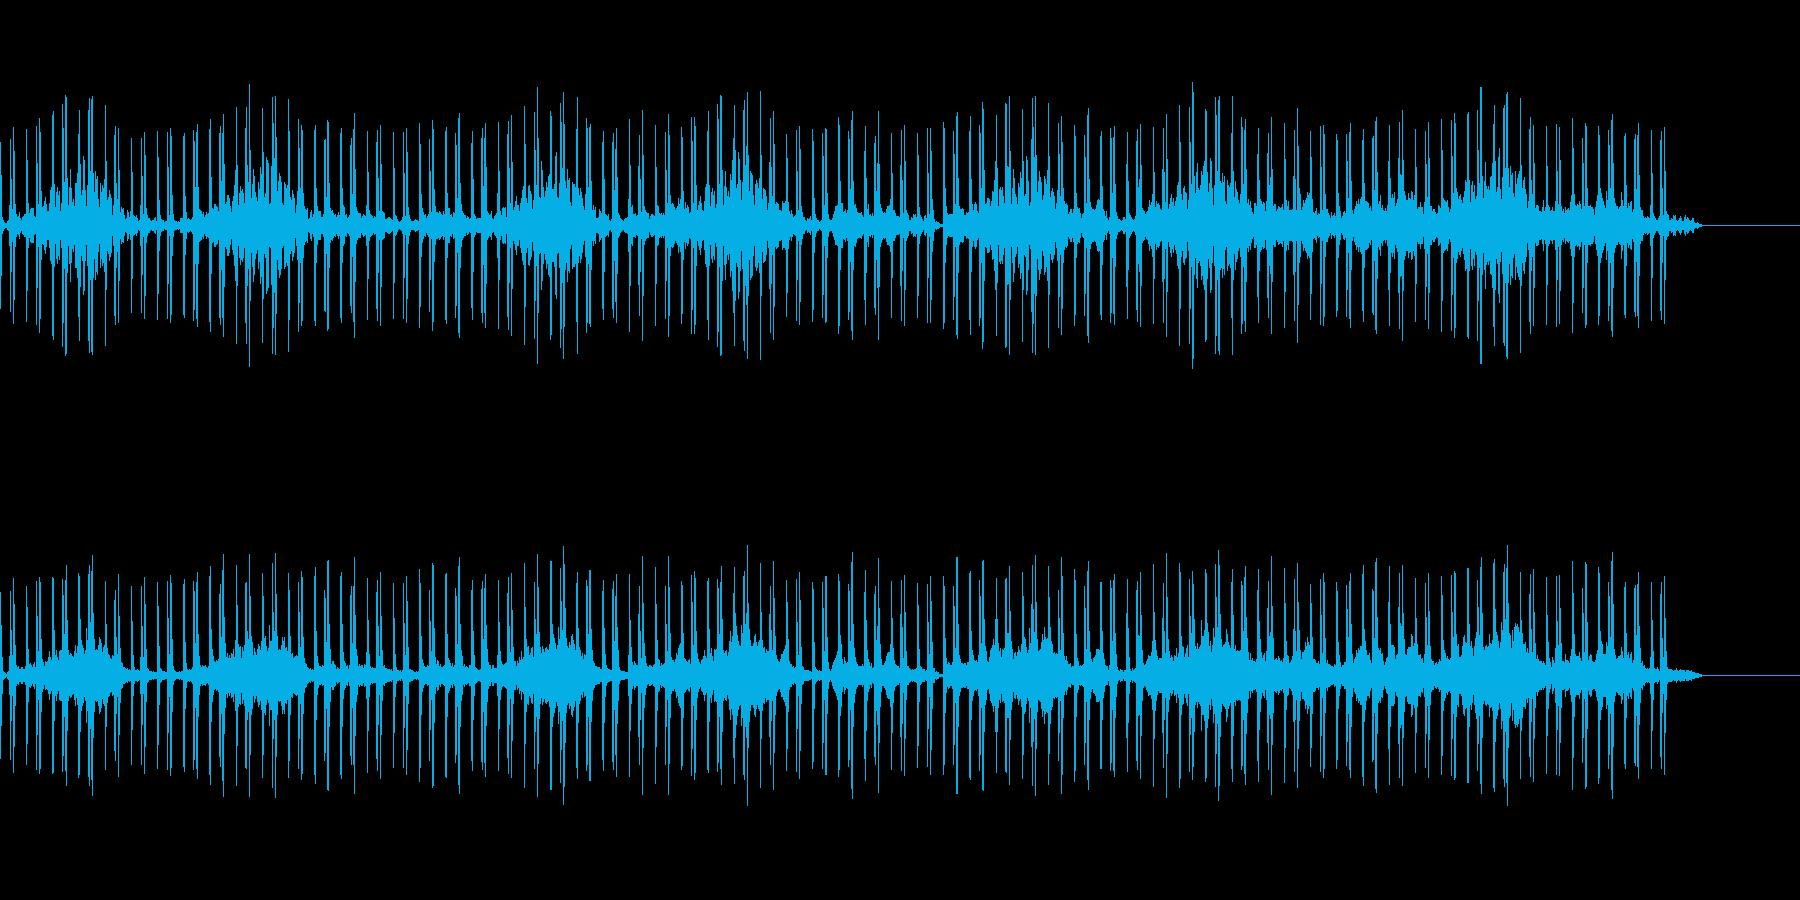 【ホラー・SF系】ミステリアス、シリアスの再生済みの波形